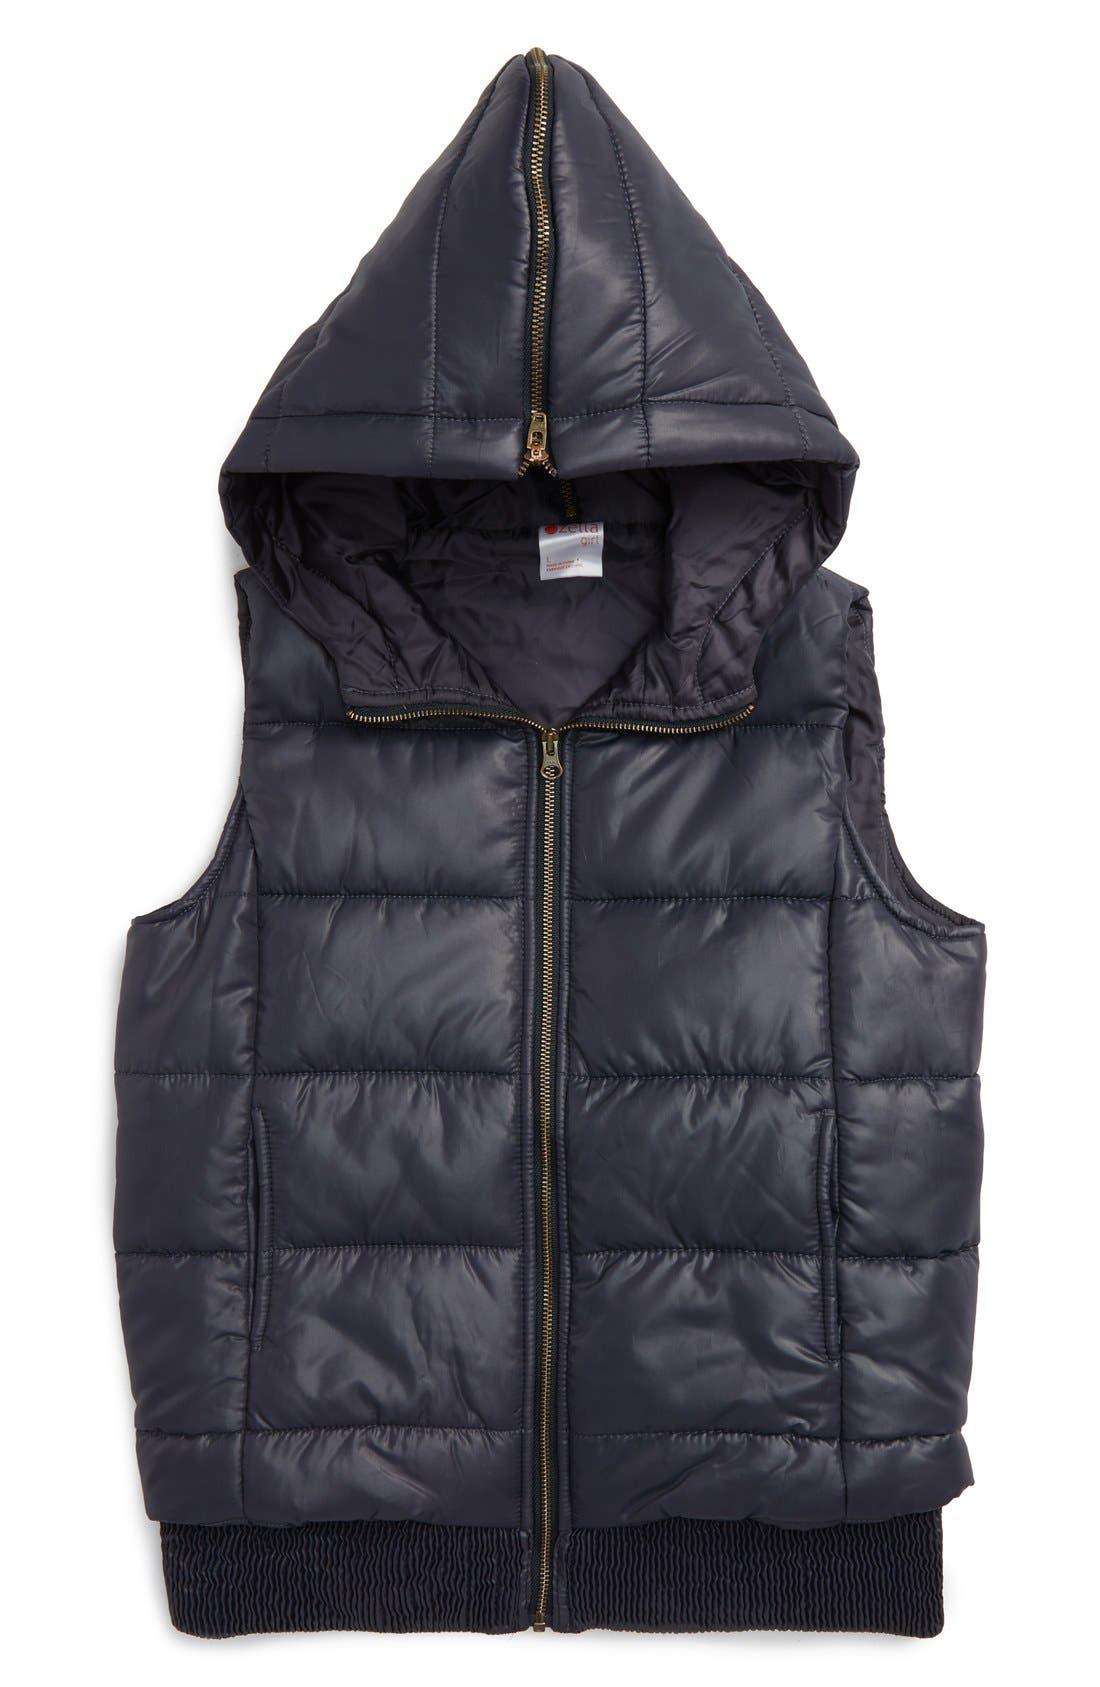 Alternate Image 1 Selected - Zella Girl Quilted Hooded Vest (Little Girls & Big Girls)